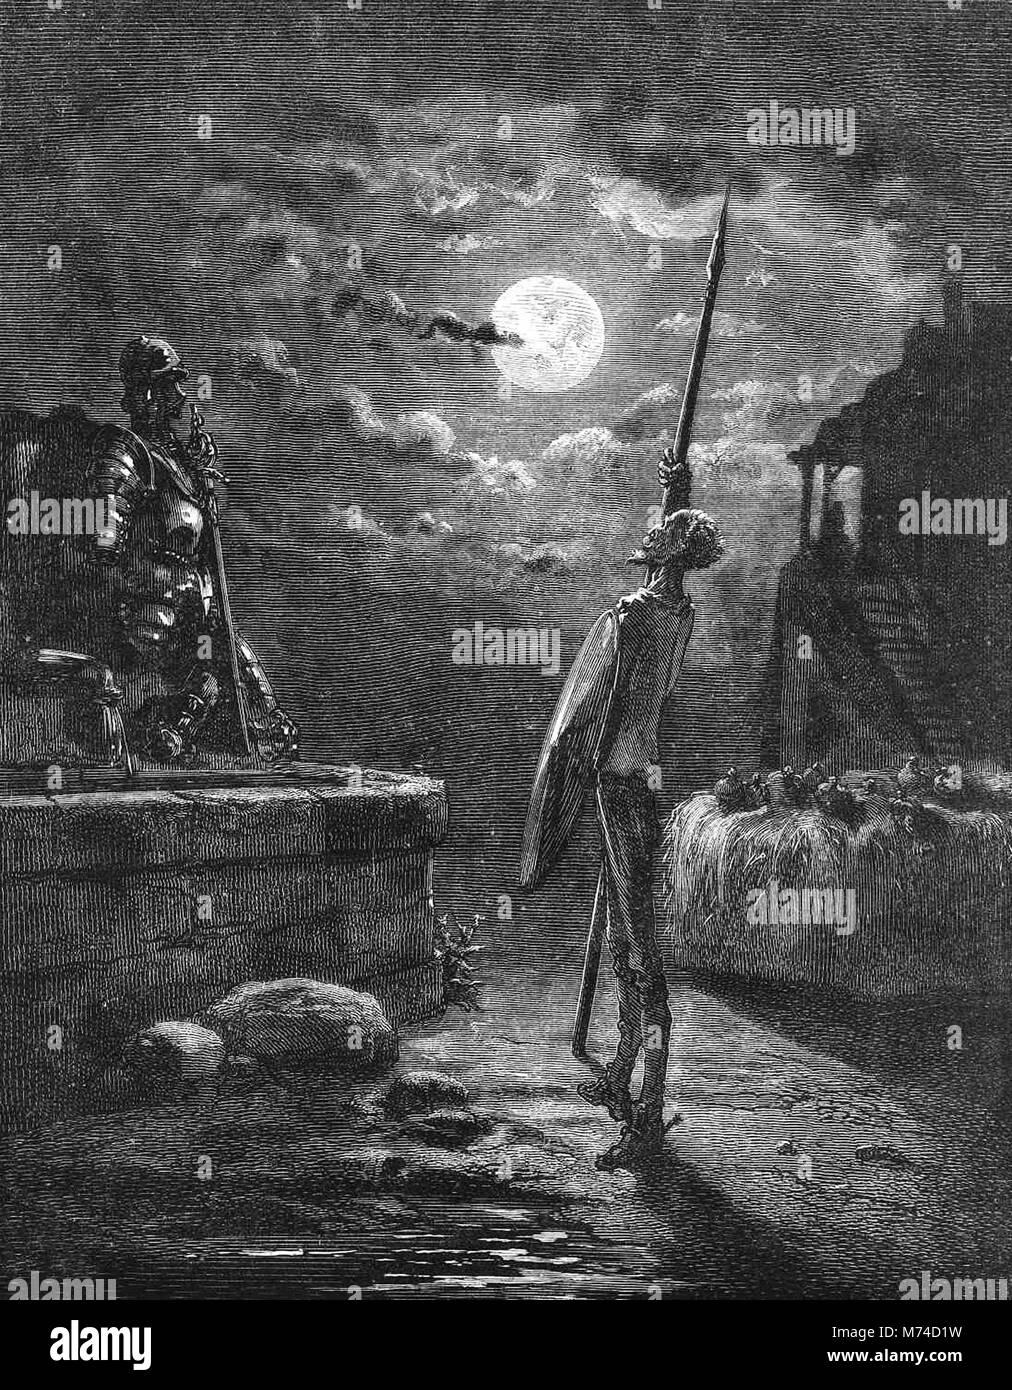 Don Quixote bewacht seine Rüstung, eine Illustration von Gustave Dore aus einer 1880 Edition von Cervantes' Stockbild